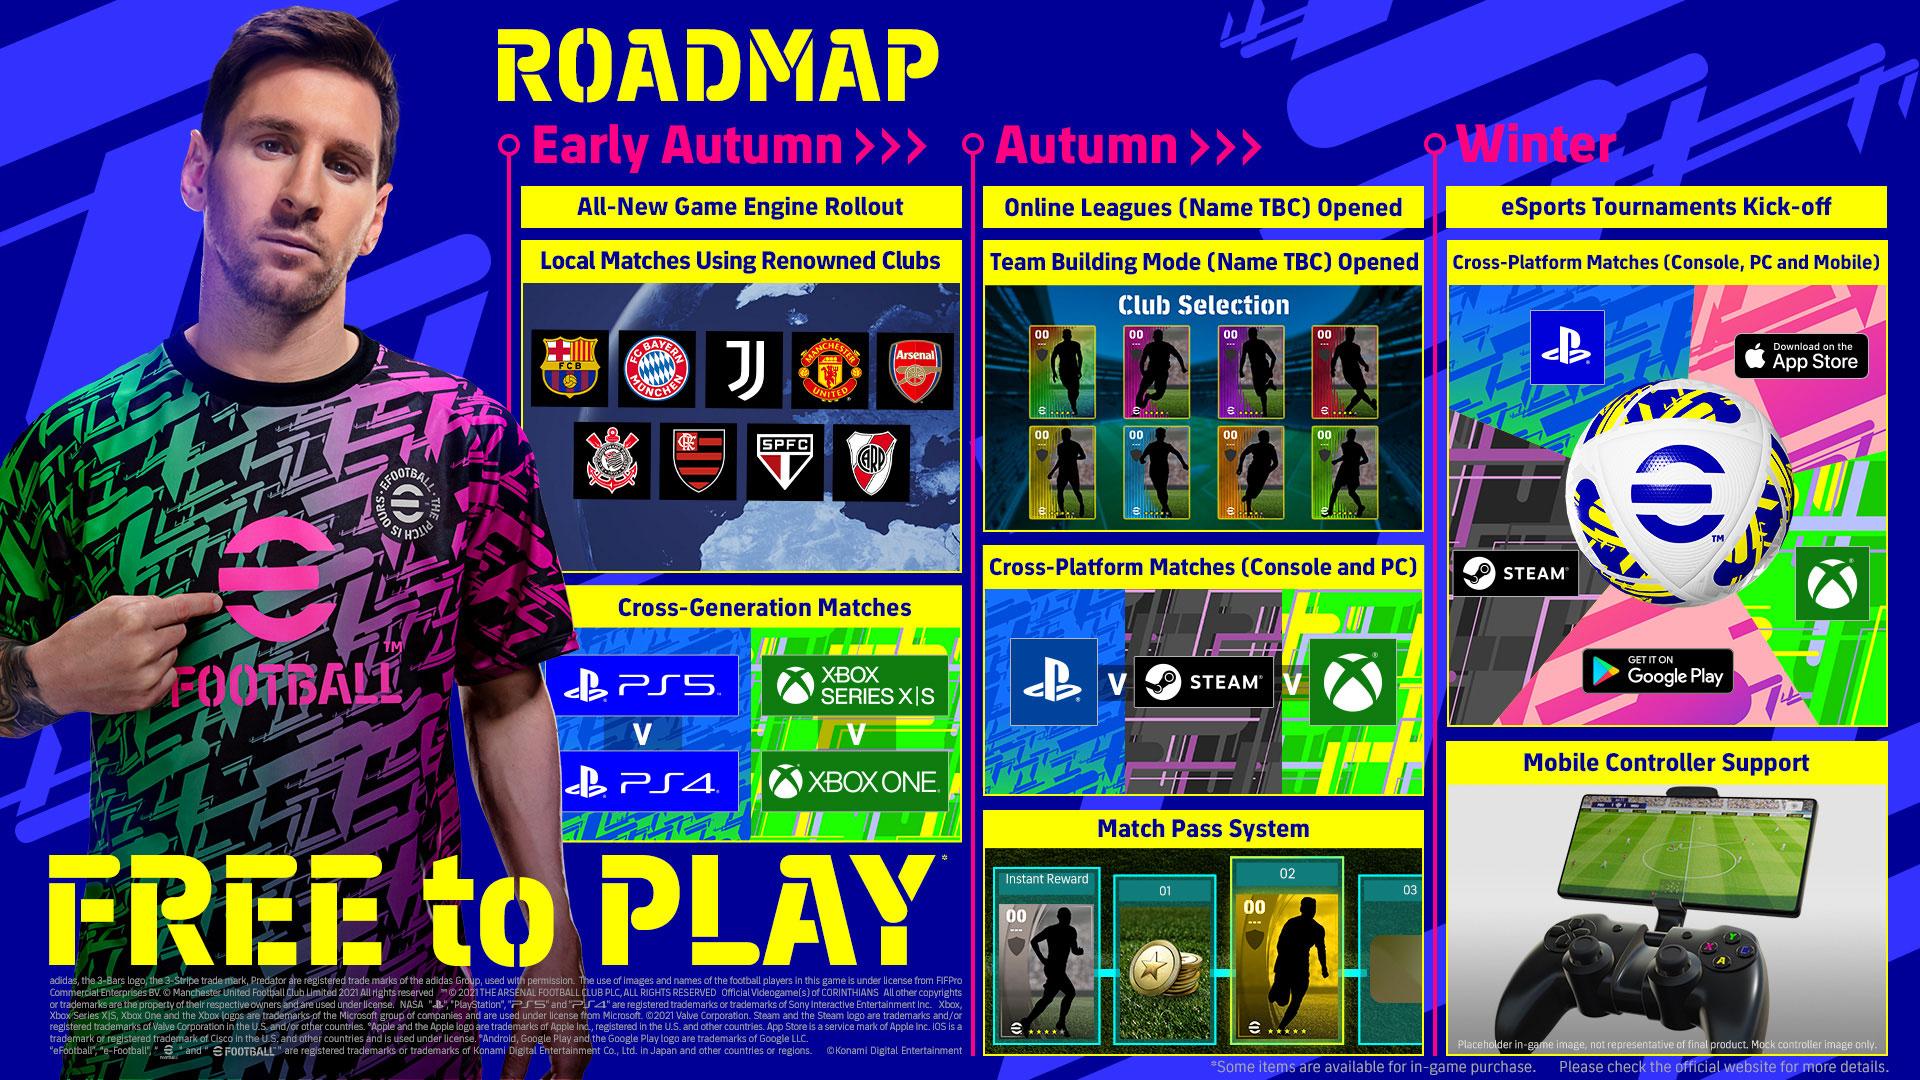 efootball-roadmap_en